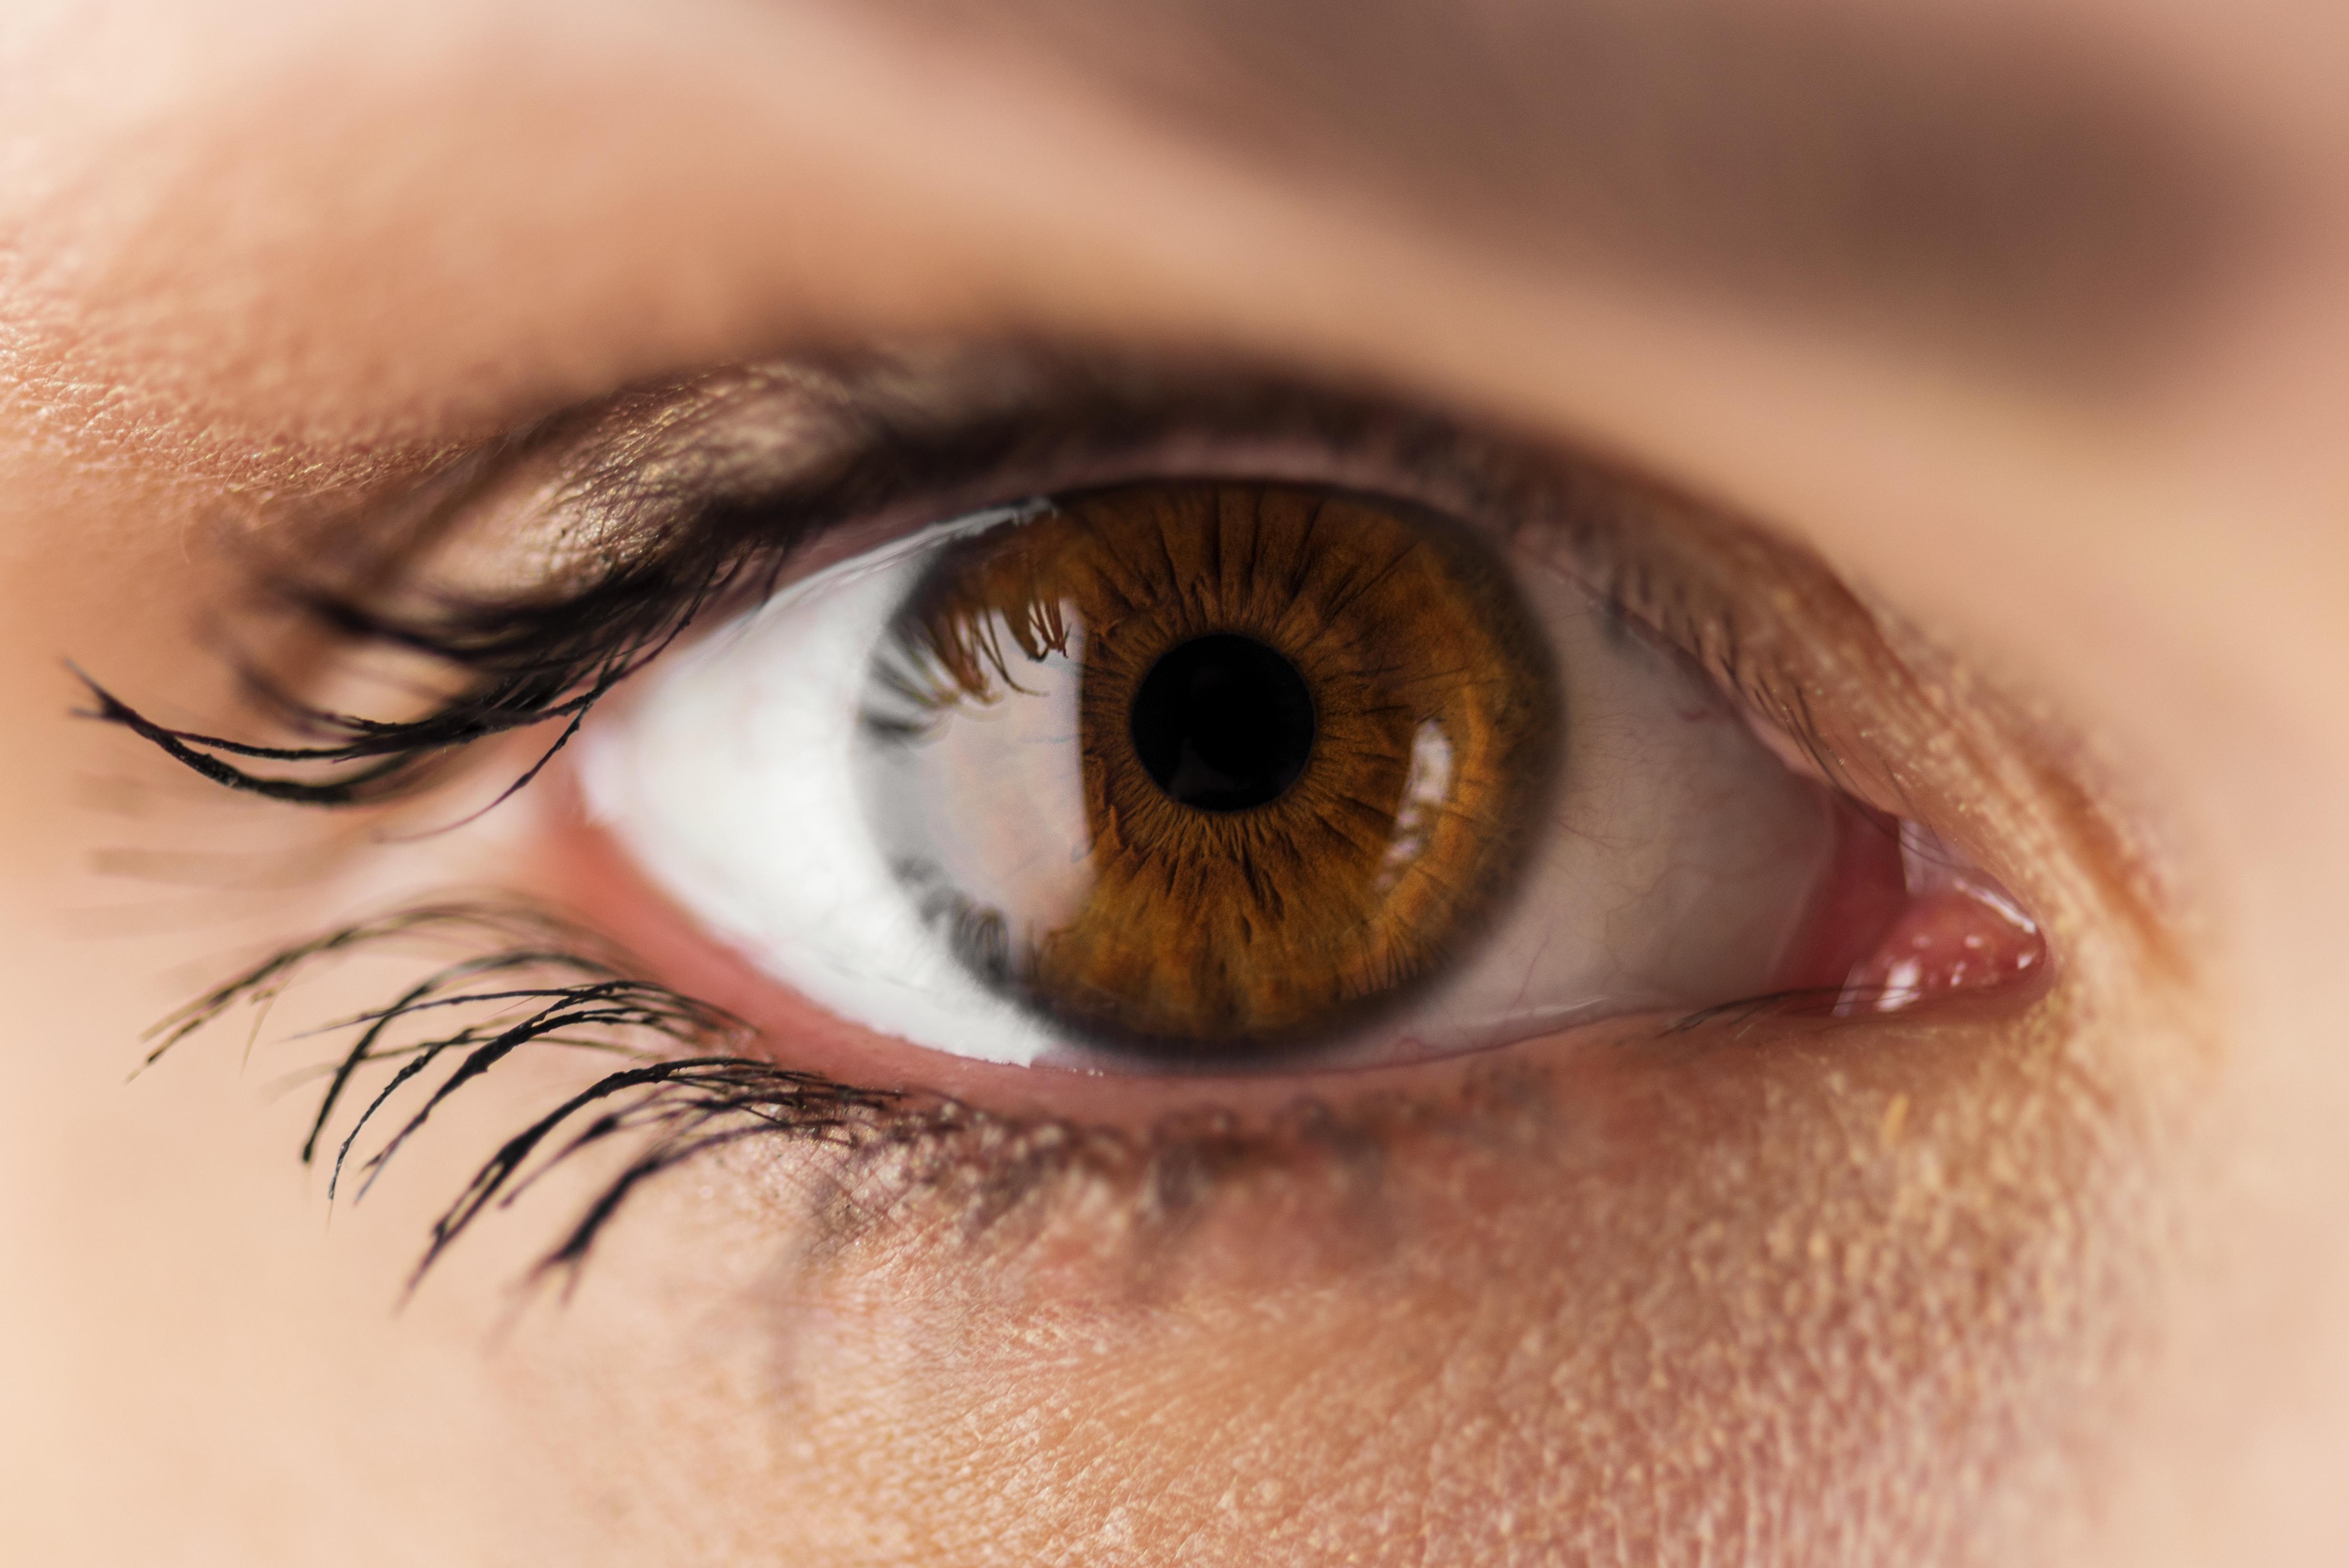 <p>Хората с кафяви очи, въпреки че са възприемани като по-малко атрактивни от останалите, са считани за сърдечни, будещи доверие и надеждни.&nbsp;Индивидите с очи с цвят на лешник са ценени заради страстта, която влагат в работата си, и постиганите високи професионални резултати.</p>